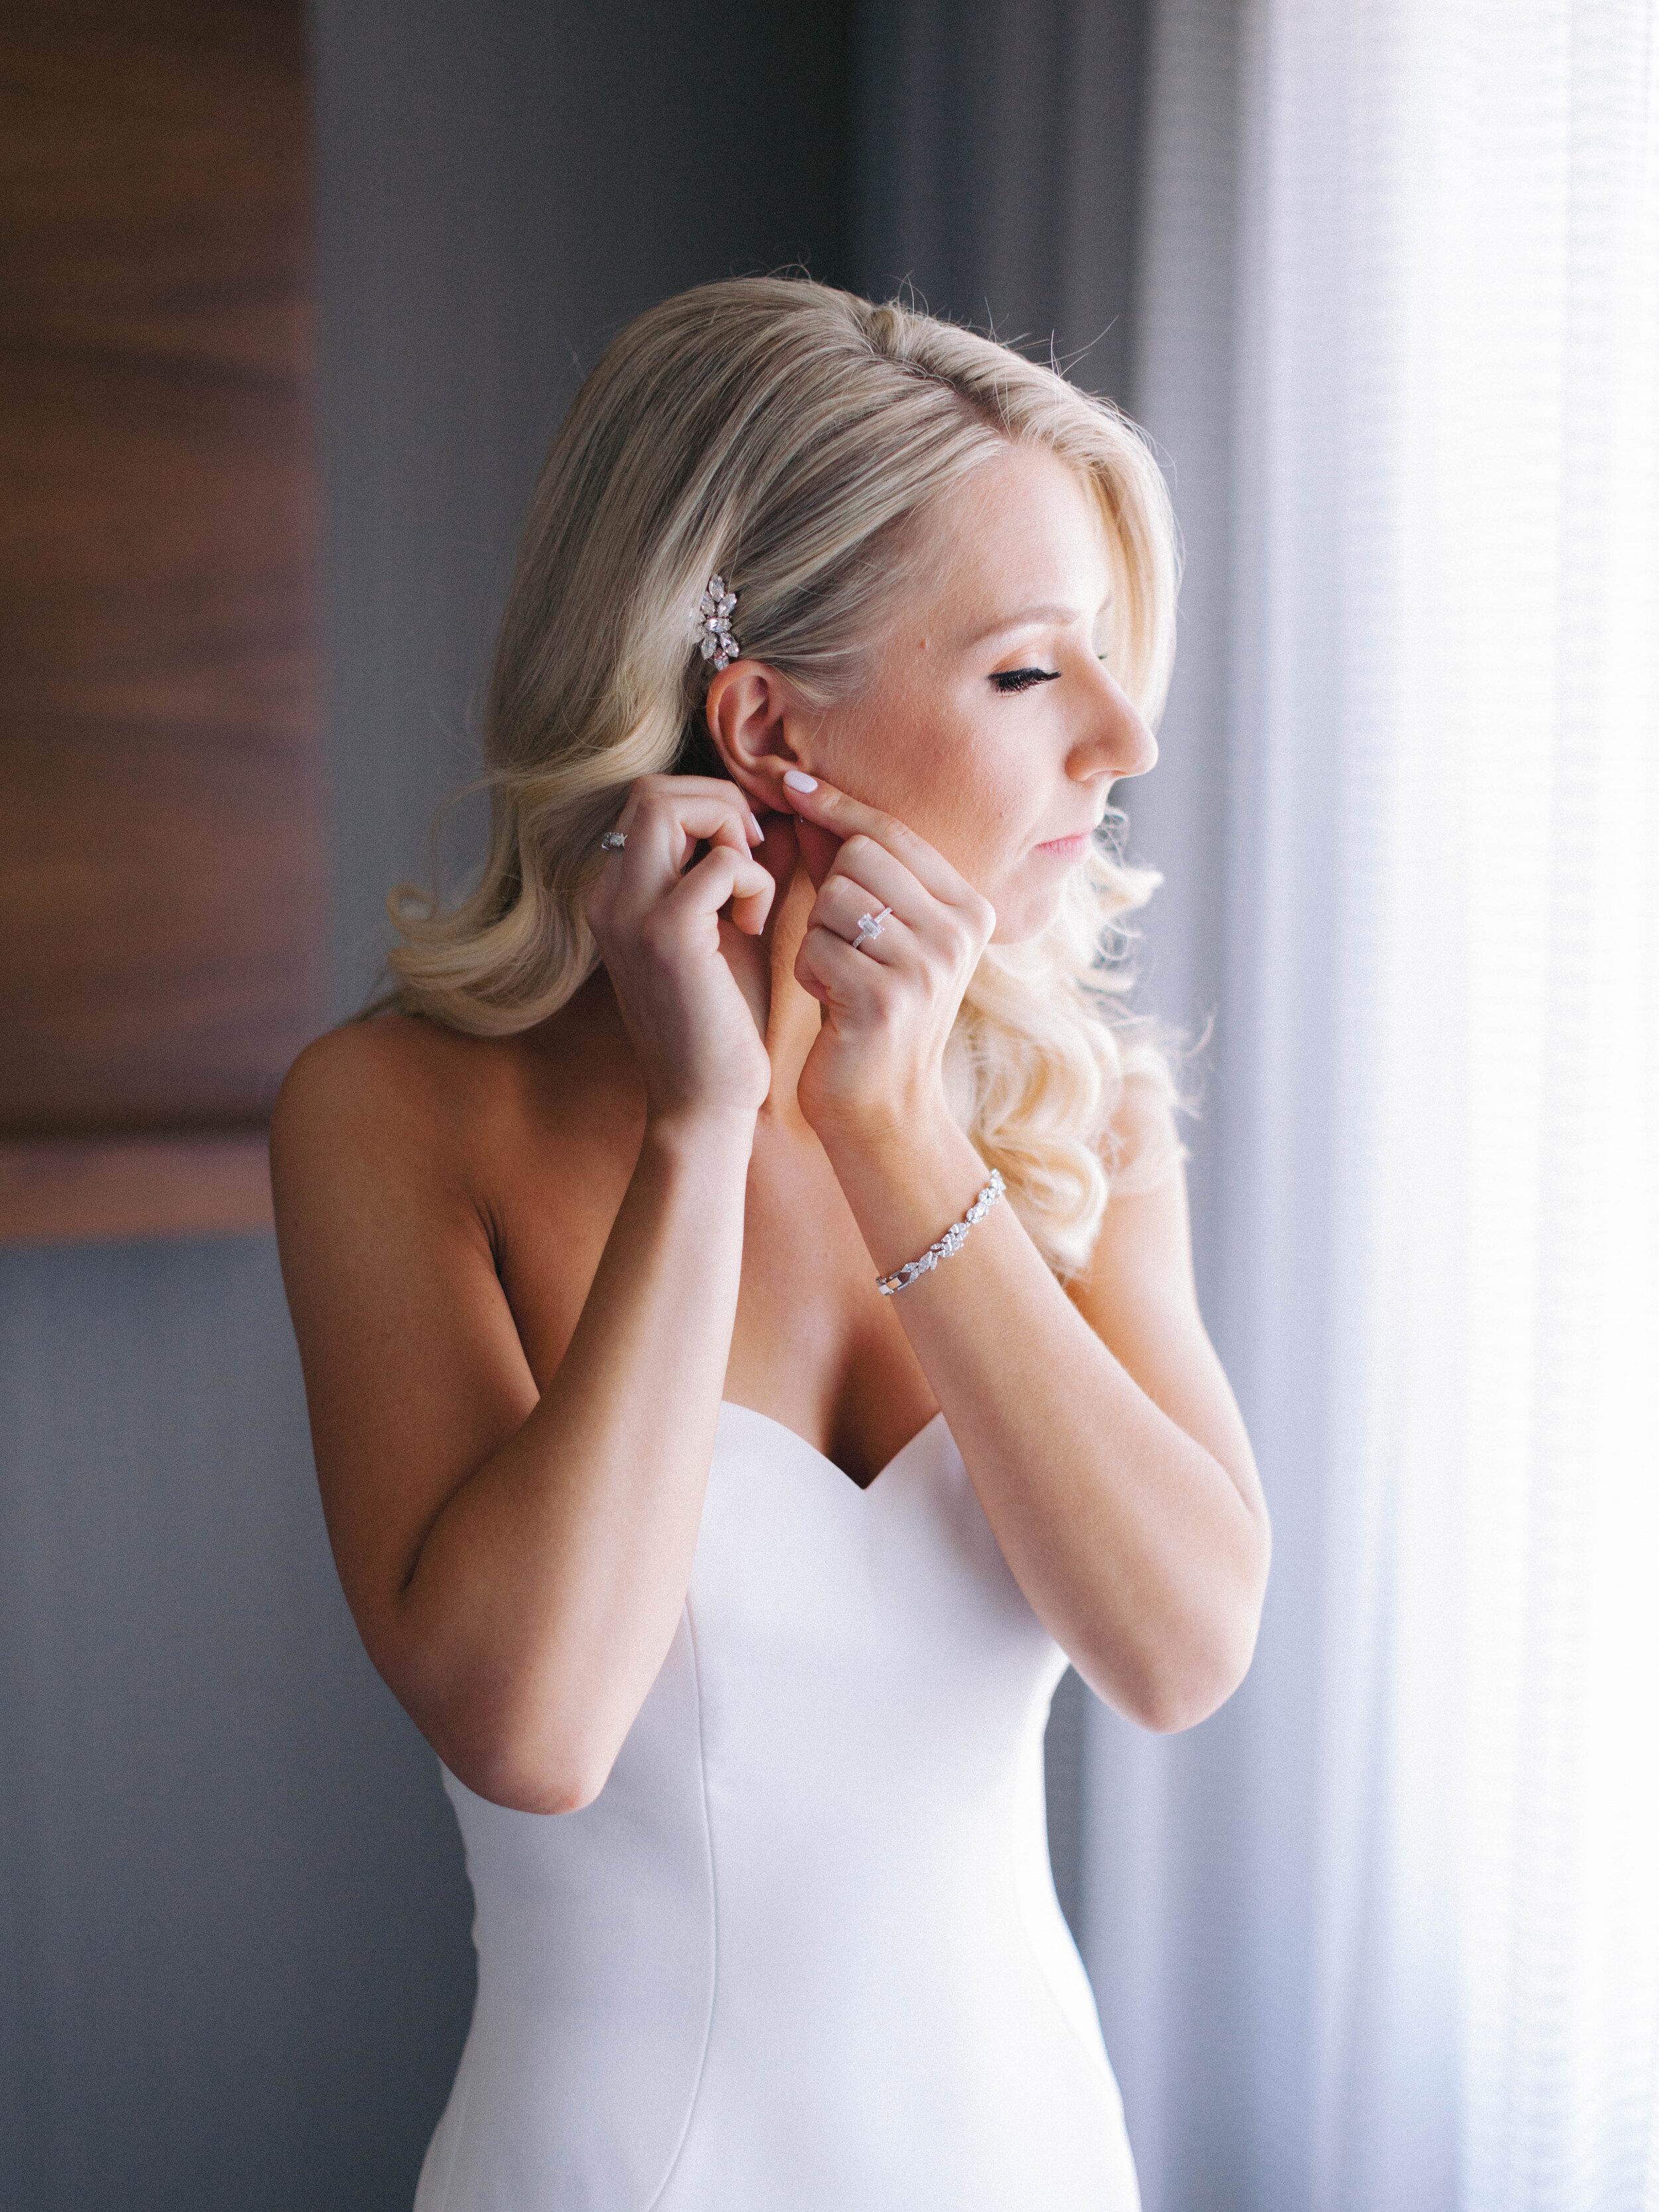 Bride Getting Ready (47 of 54).JPG